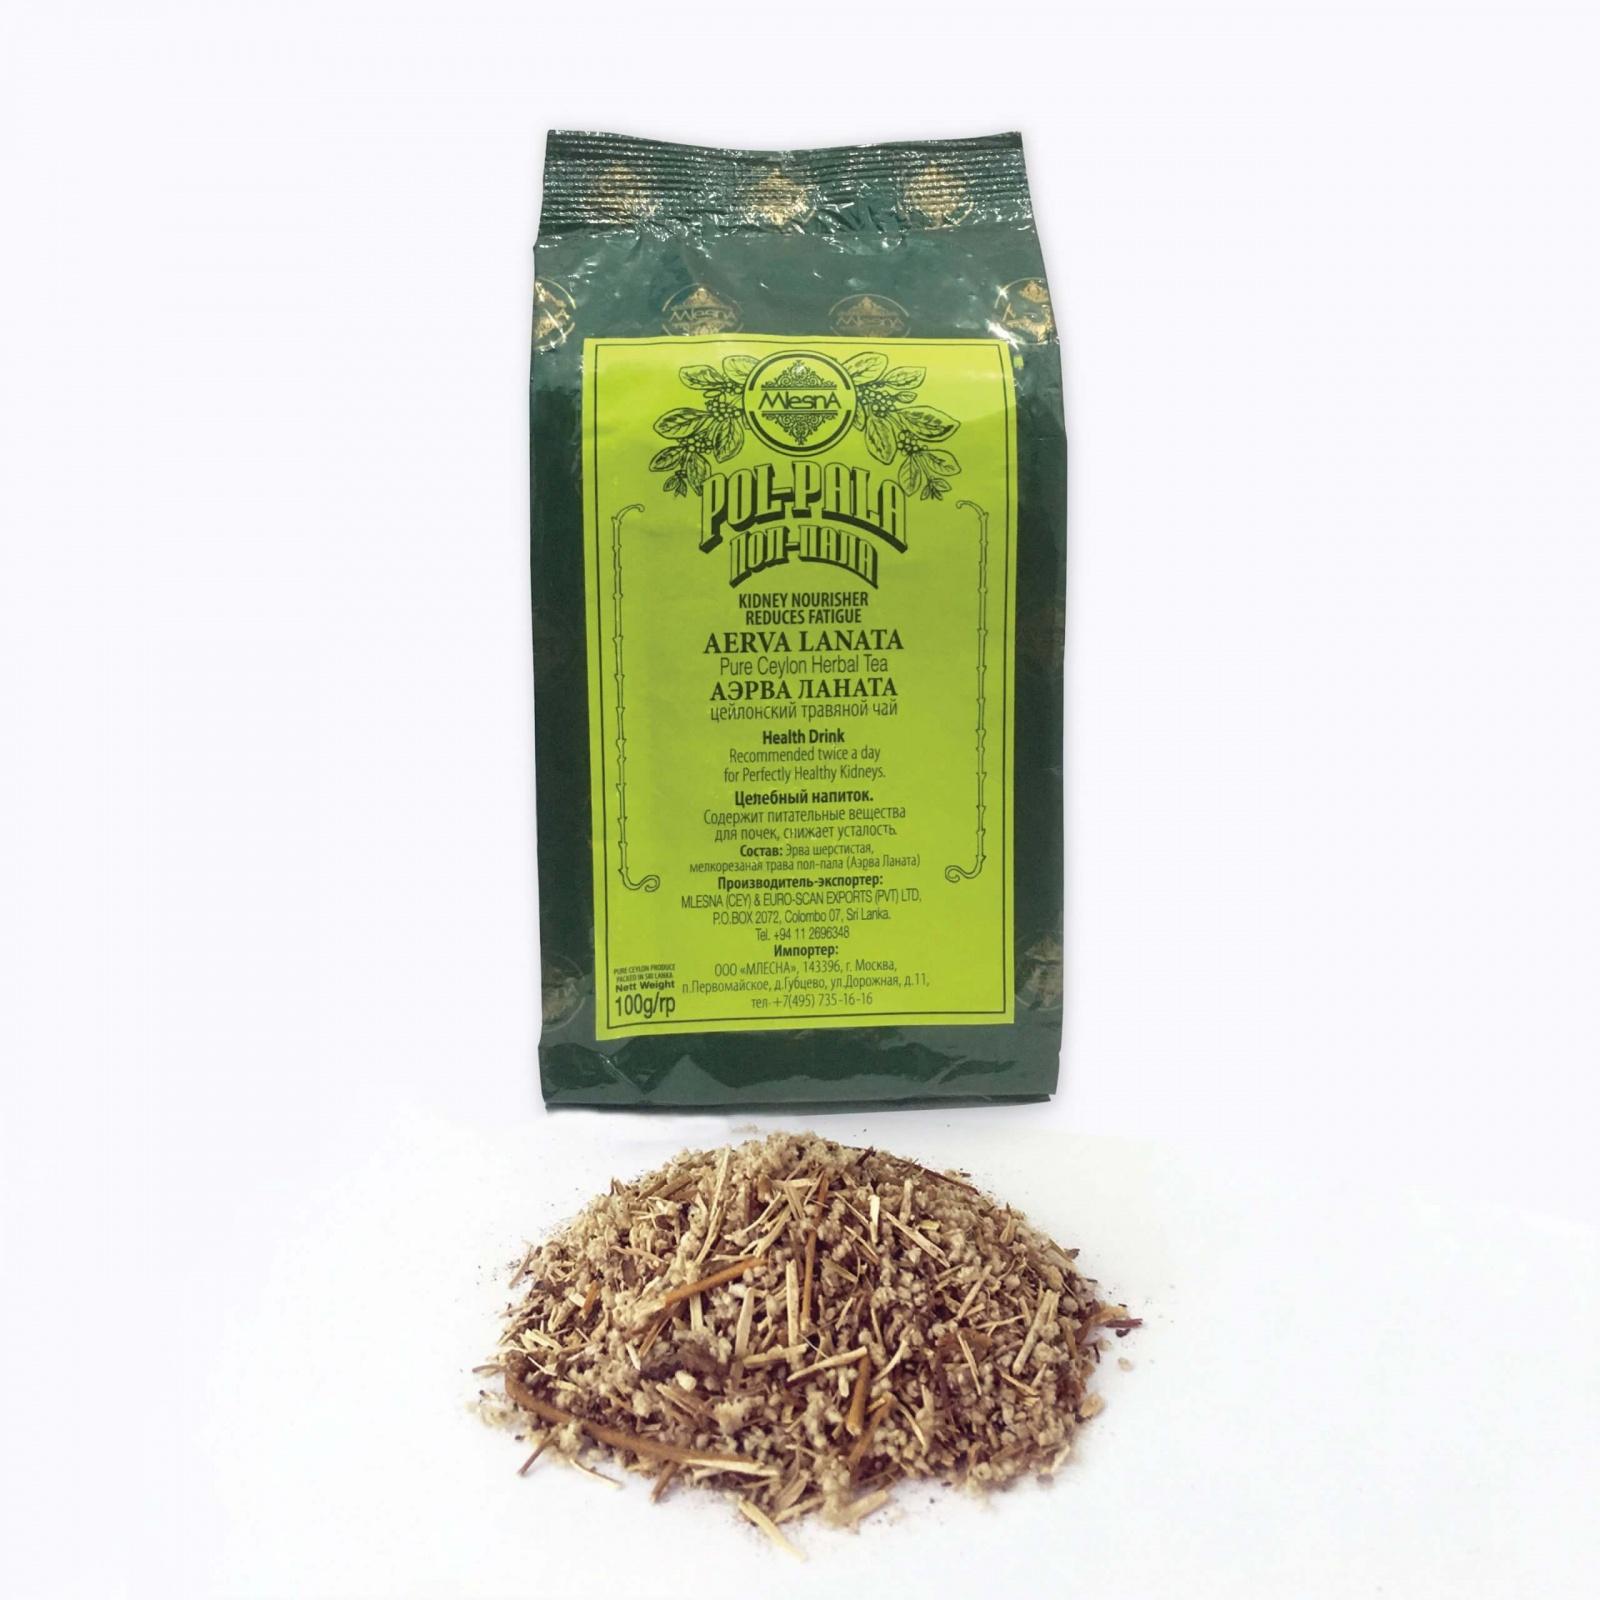 Čaje Mlesna POLPALA - bylinný čaj - laminát - 100g MLESNA (Ceylon) Ltd. pravý čaj z Cejlonu